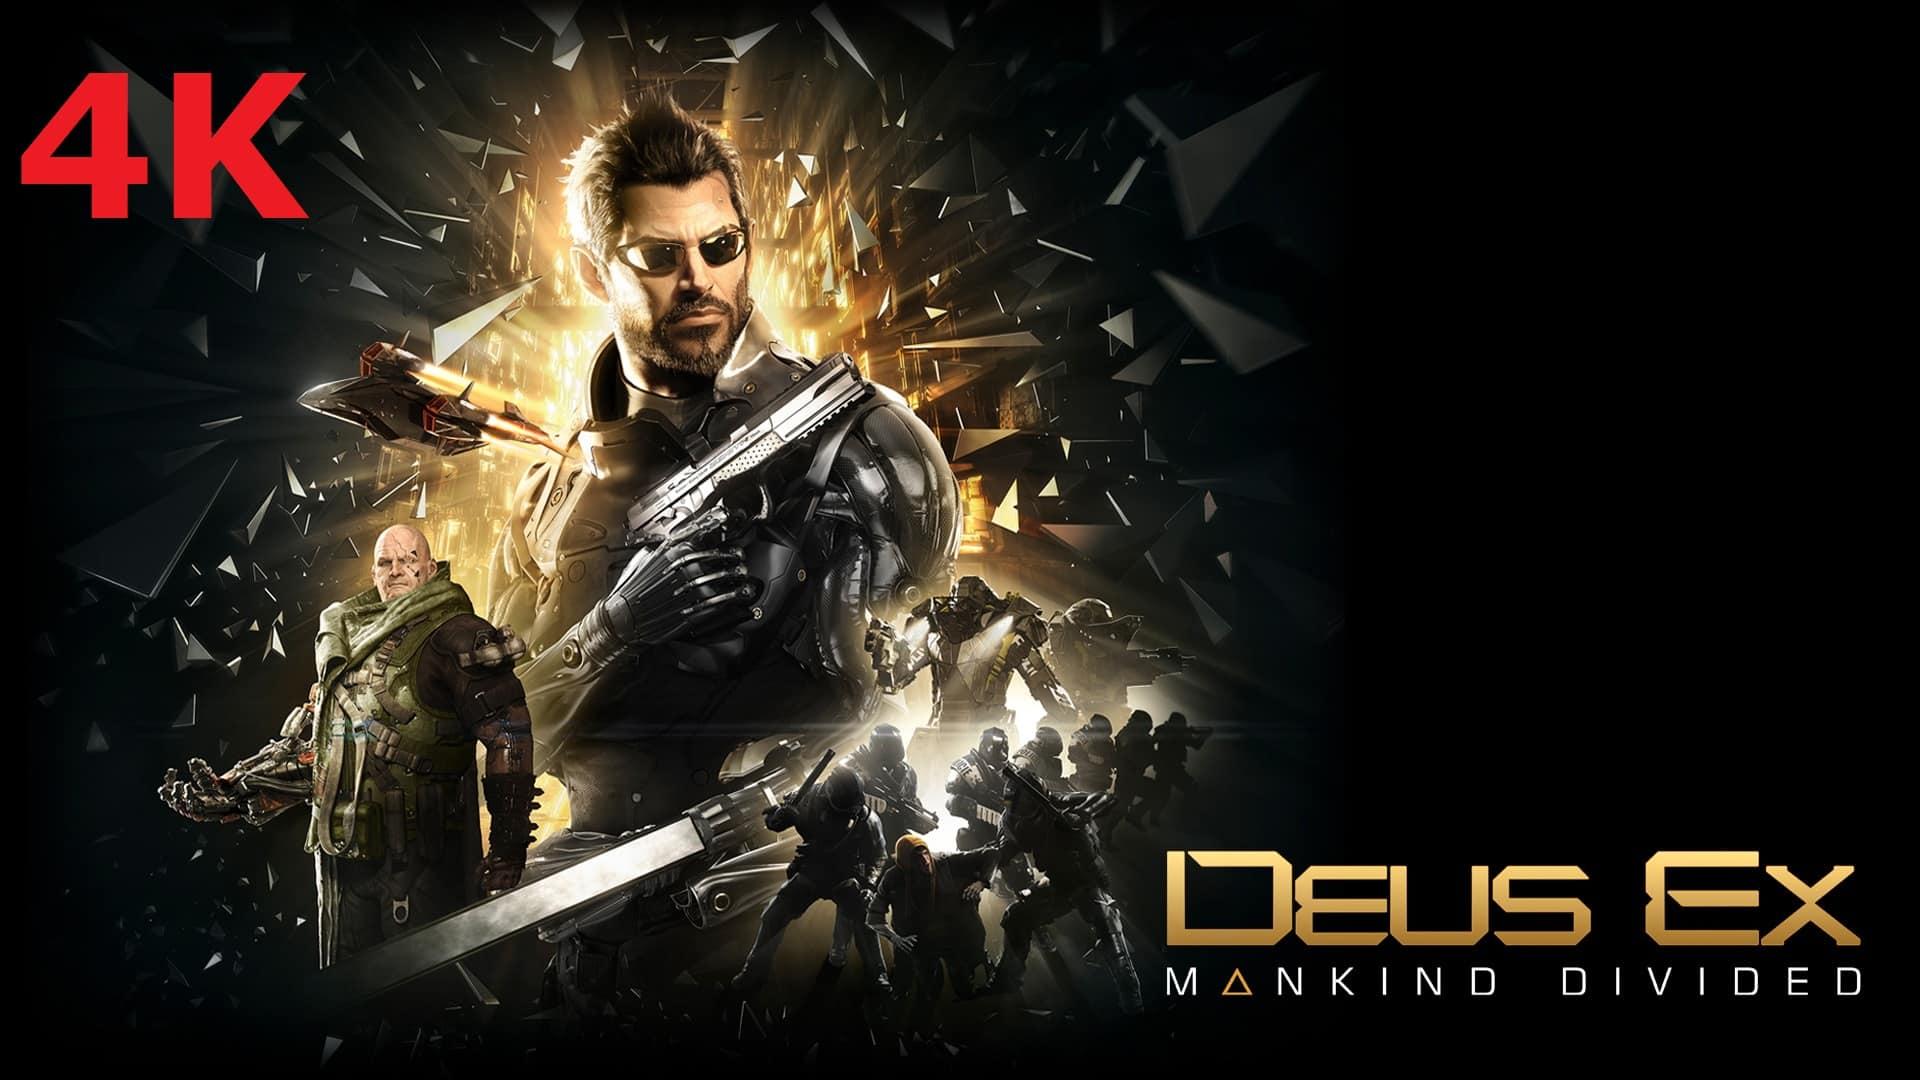 Deus_ex_mankind_divided_Copertina_4k